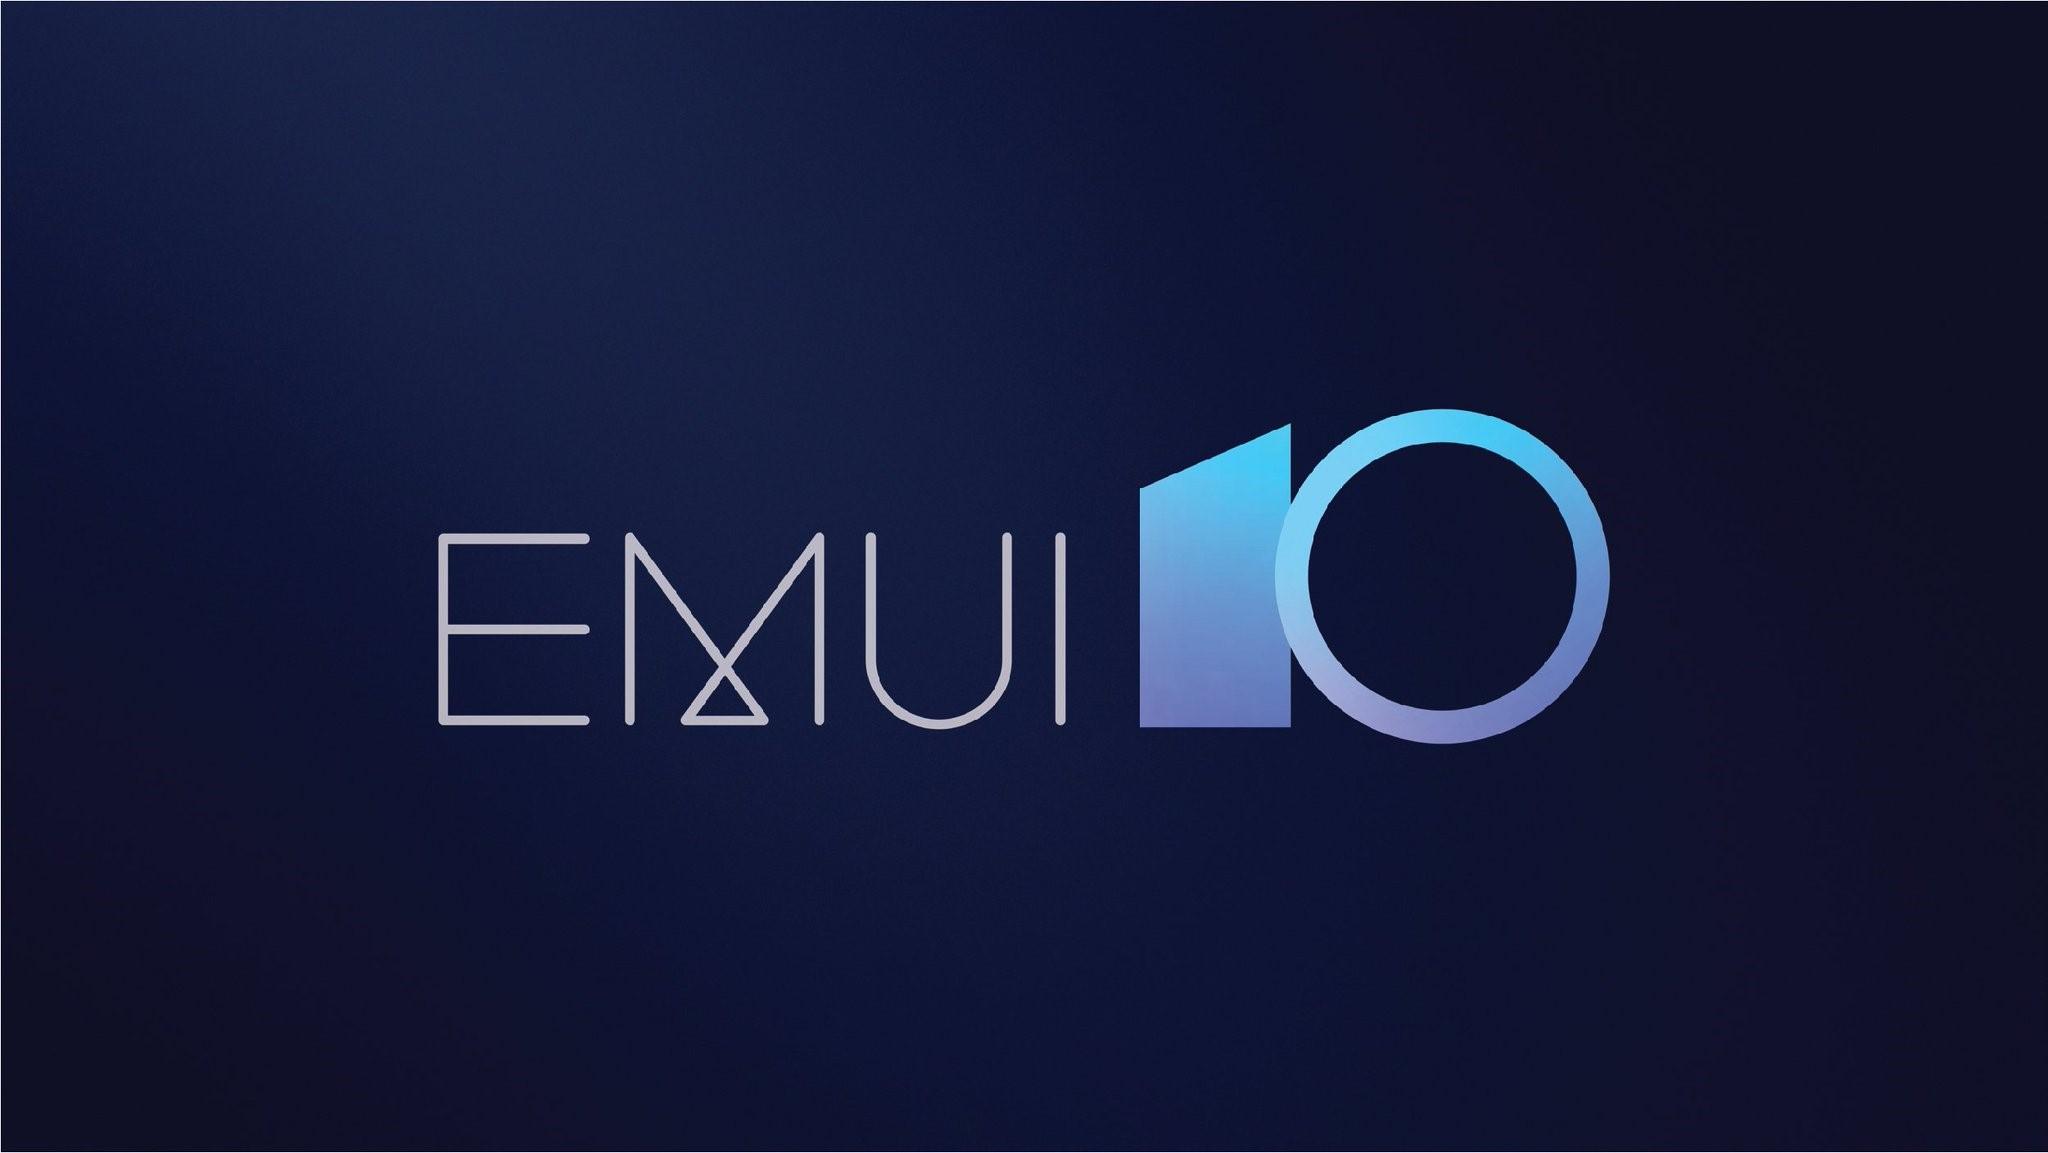 تعداد کاربران رابط کاربری EMUI۱۰ هوآوی از مرز یک میلیون نفر گذشت